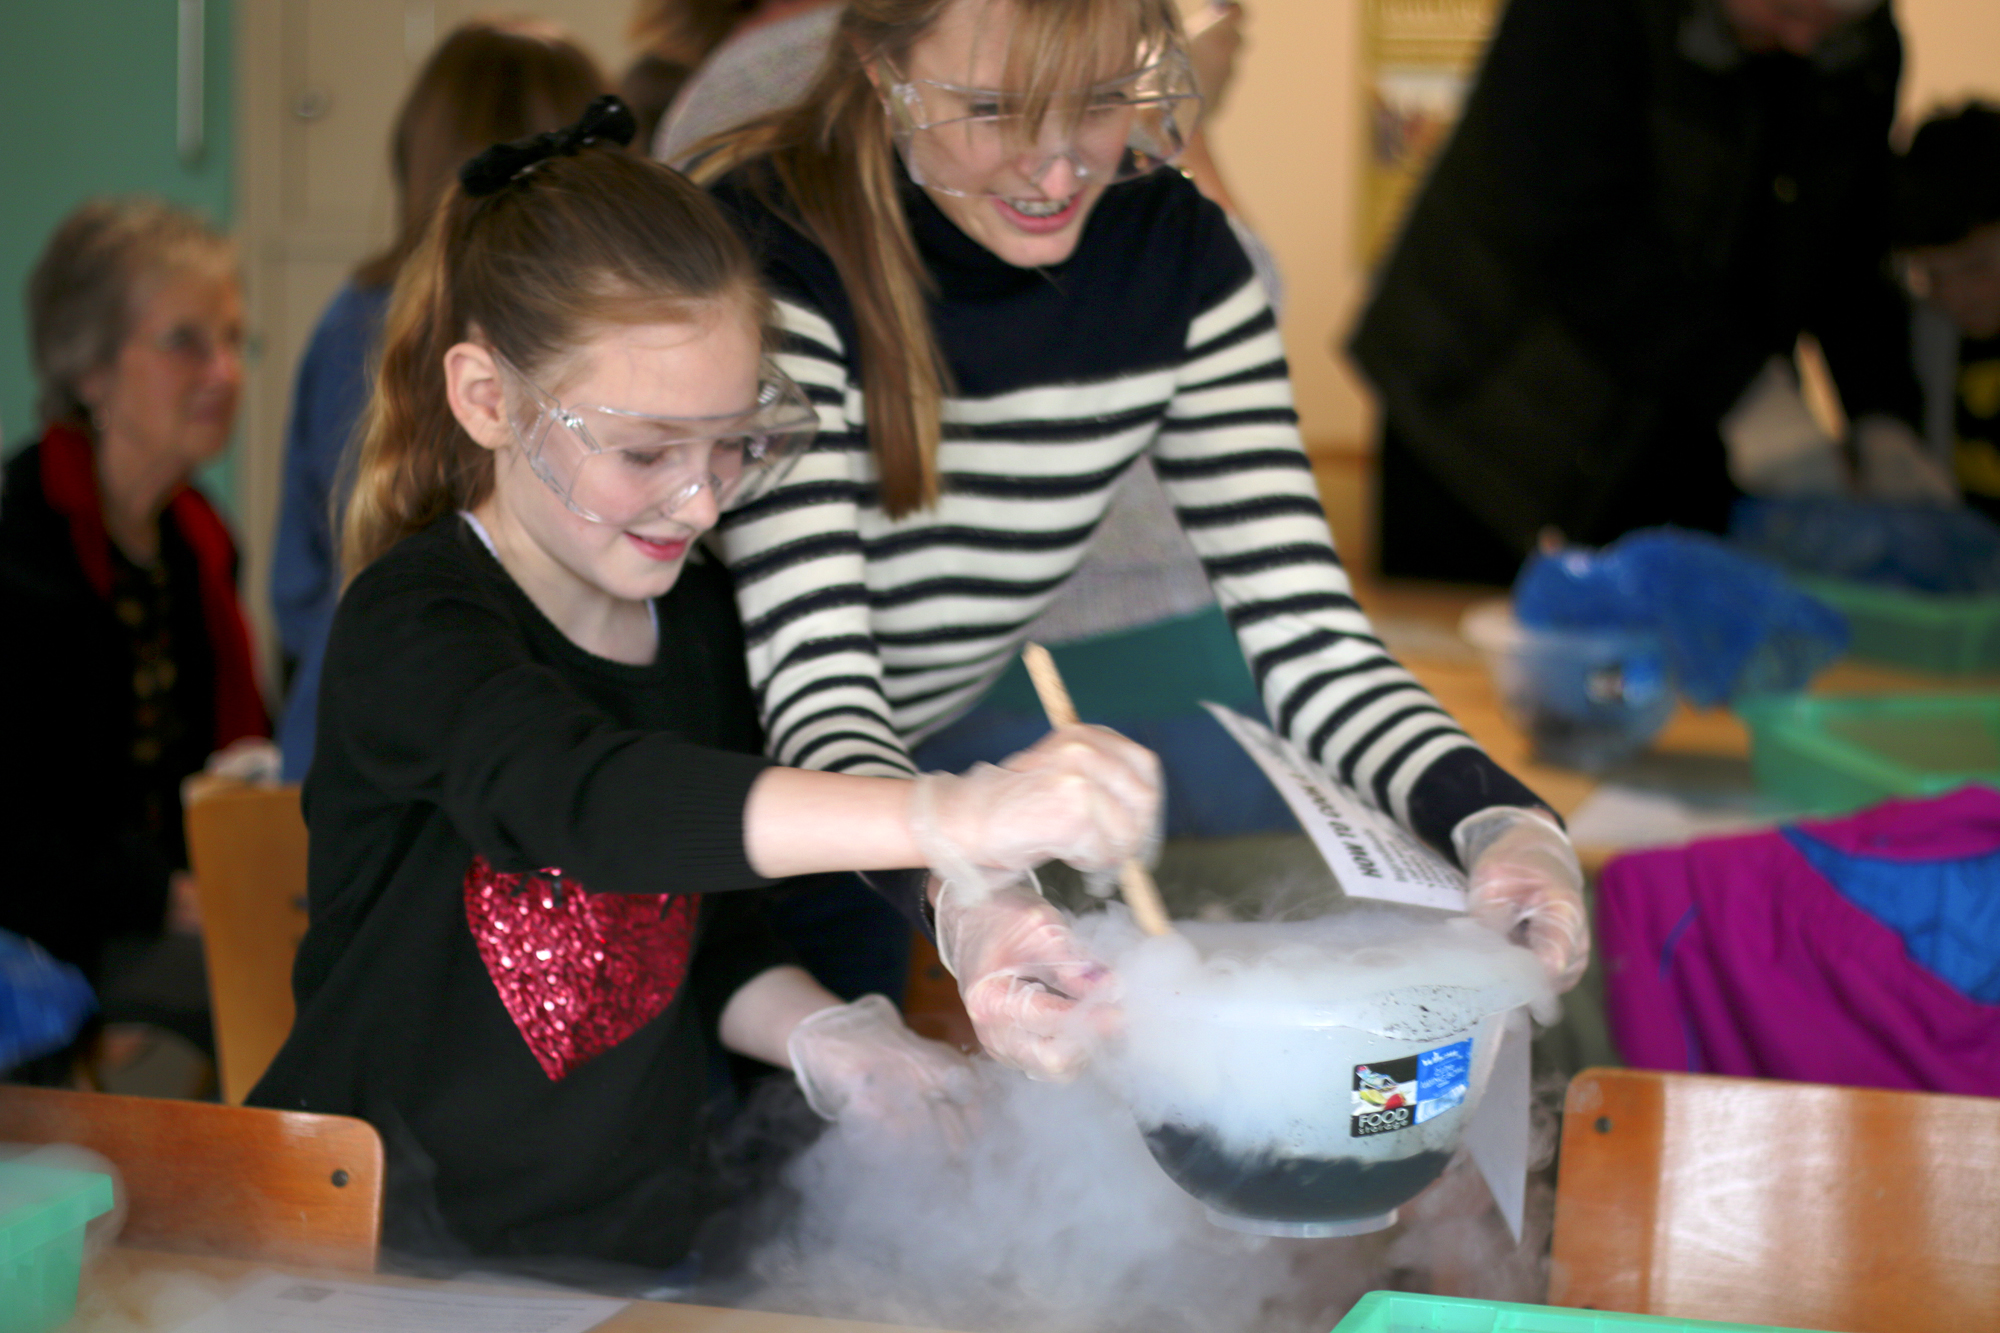 Comet Workshop at Birling Gap Visitor Centre for the National Trust